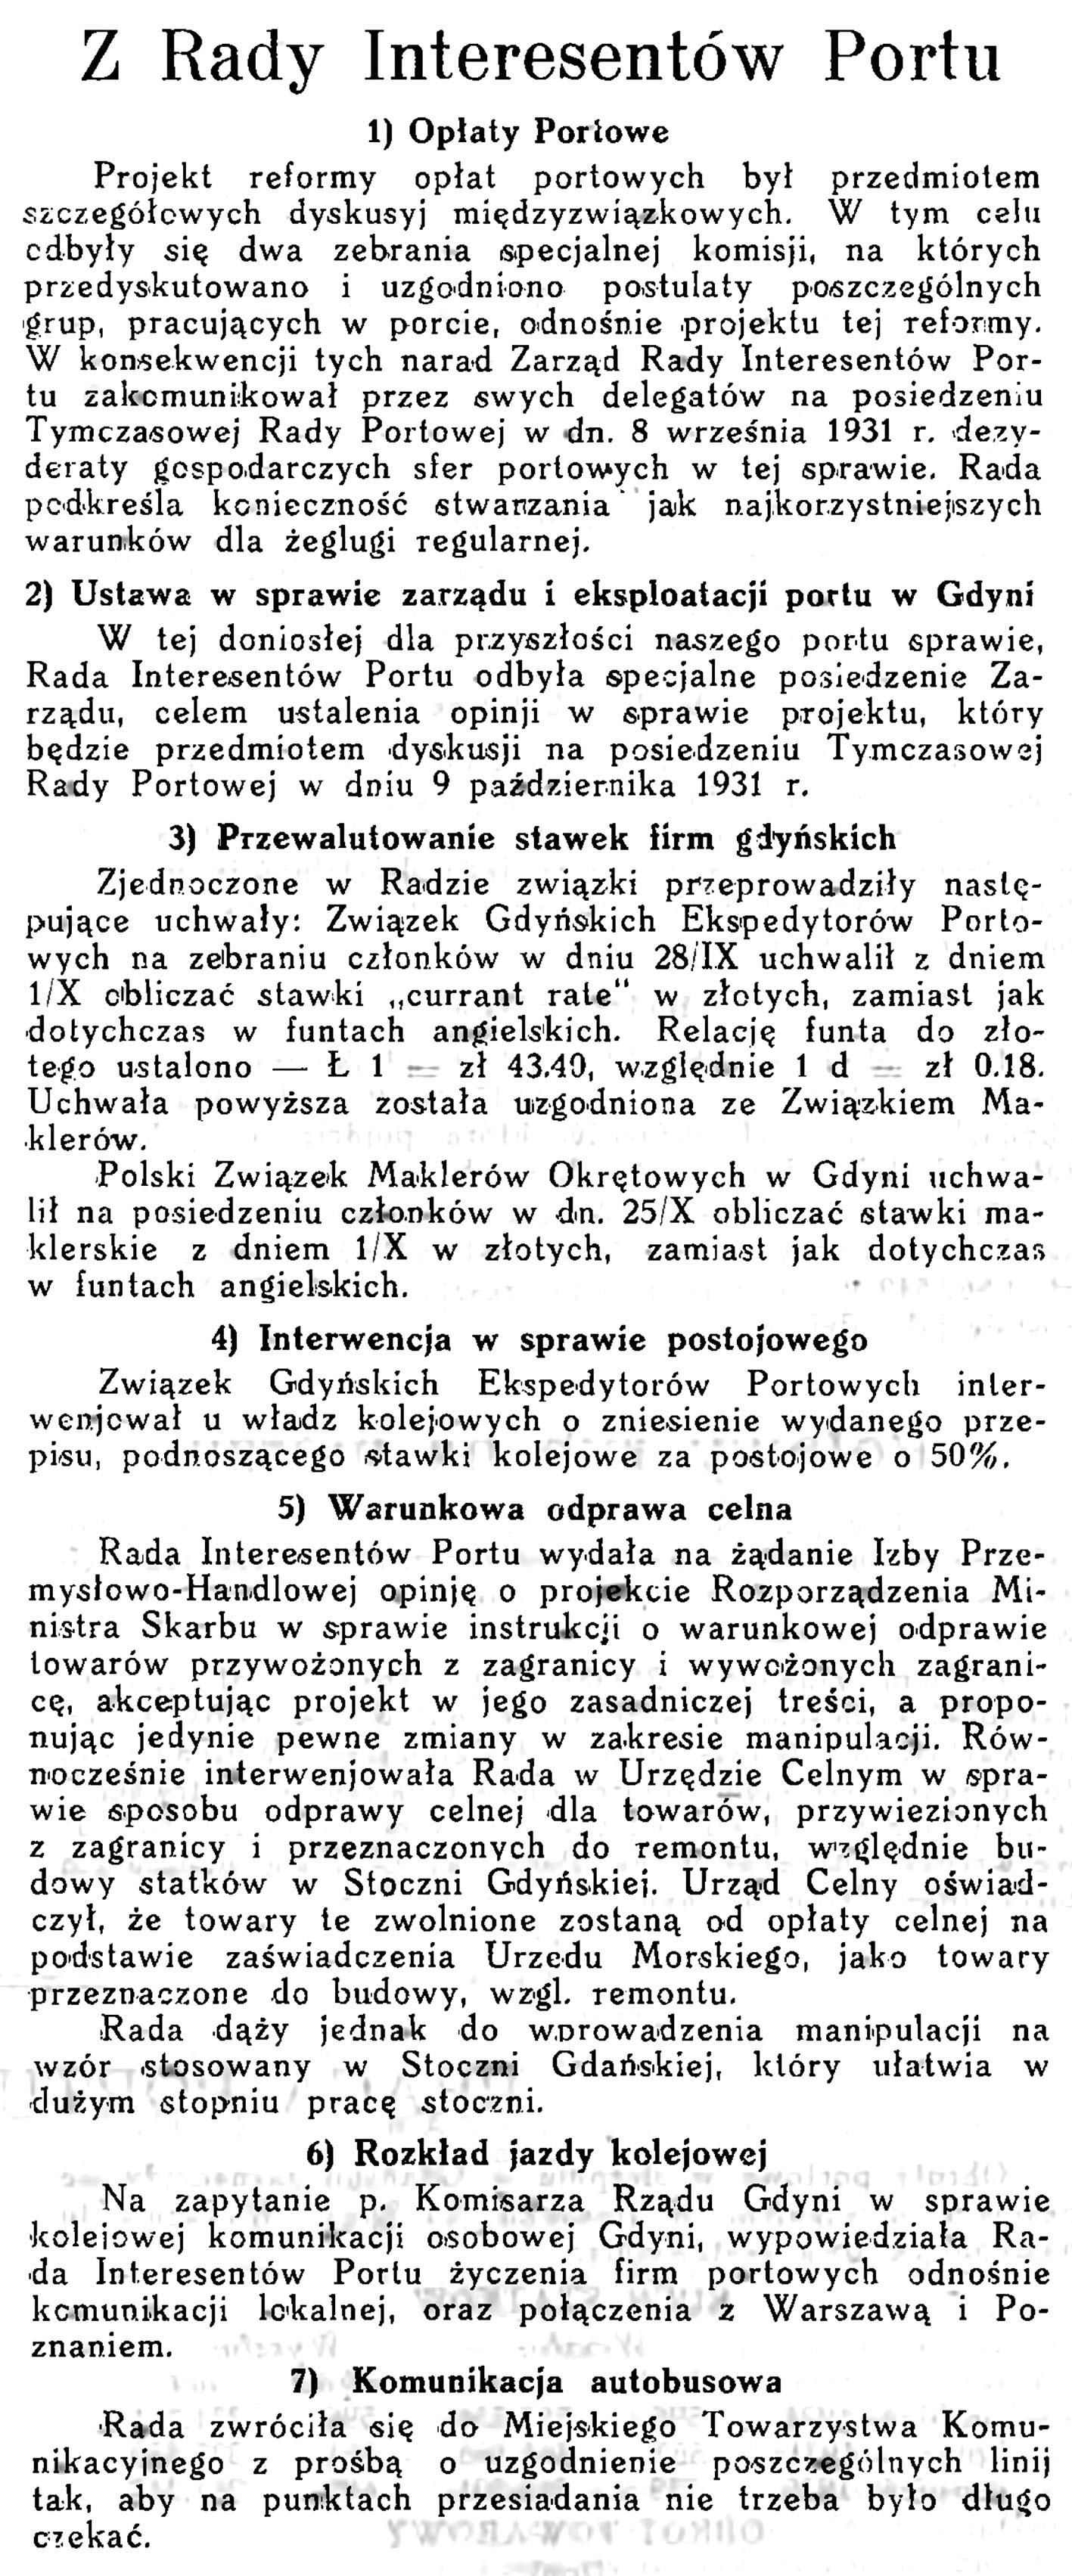 Z Rady Interesantów Portu // Wiadomości Portu Gdyńskiego. - 1931, z. 9, s. 21